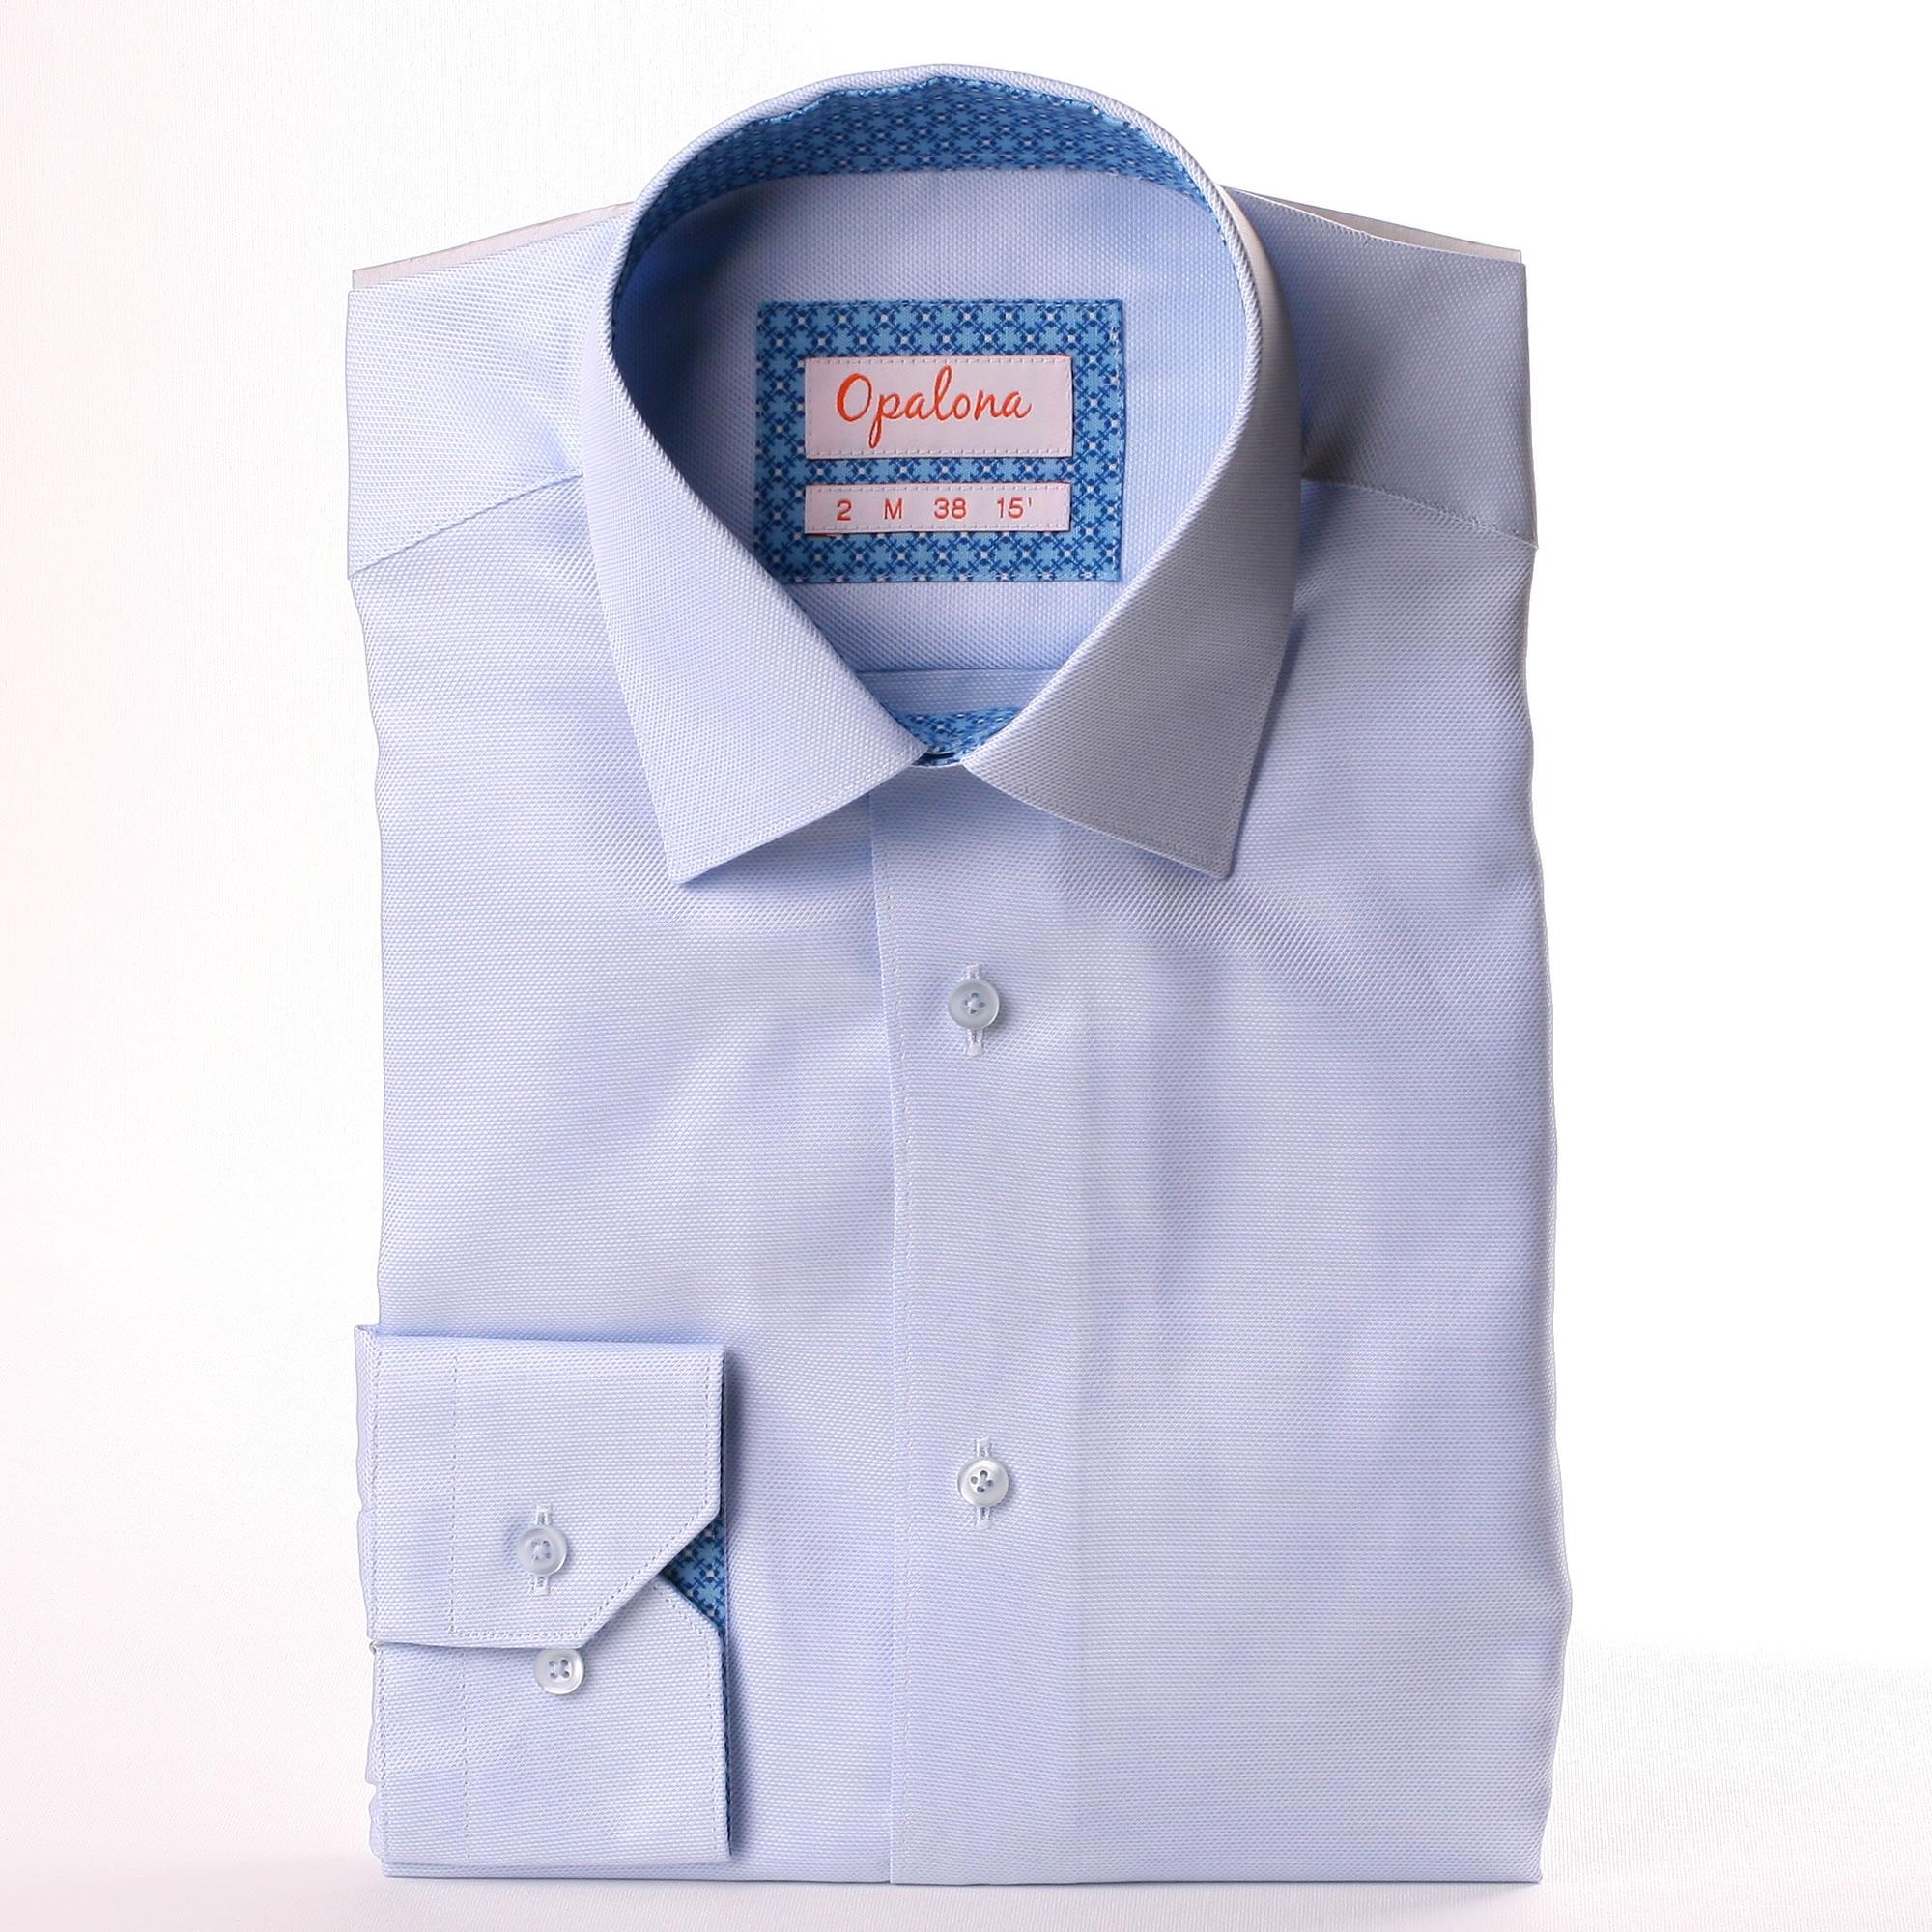 hellblaues hemd mit einem blauen geometrischen muster stoff im kragen und die manschetten. Black Bedroom Furniture Sets. Home Design Ideas